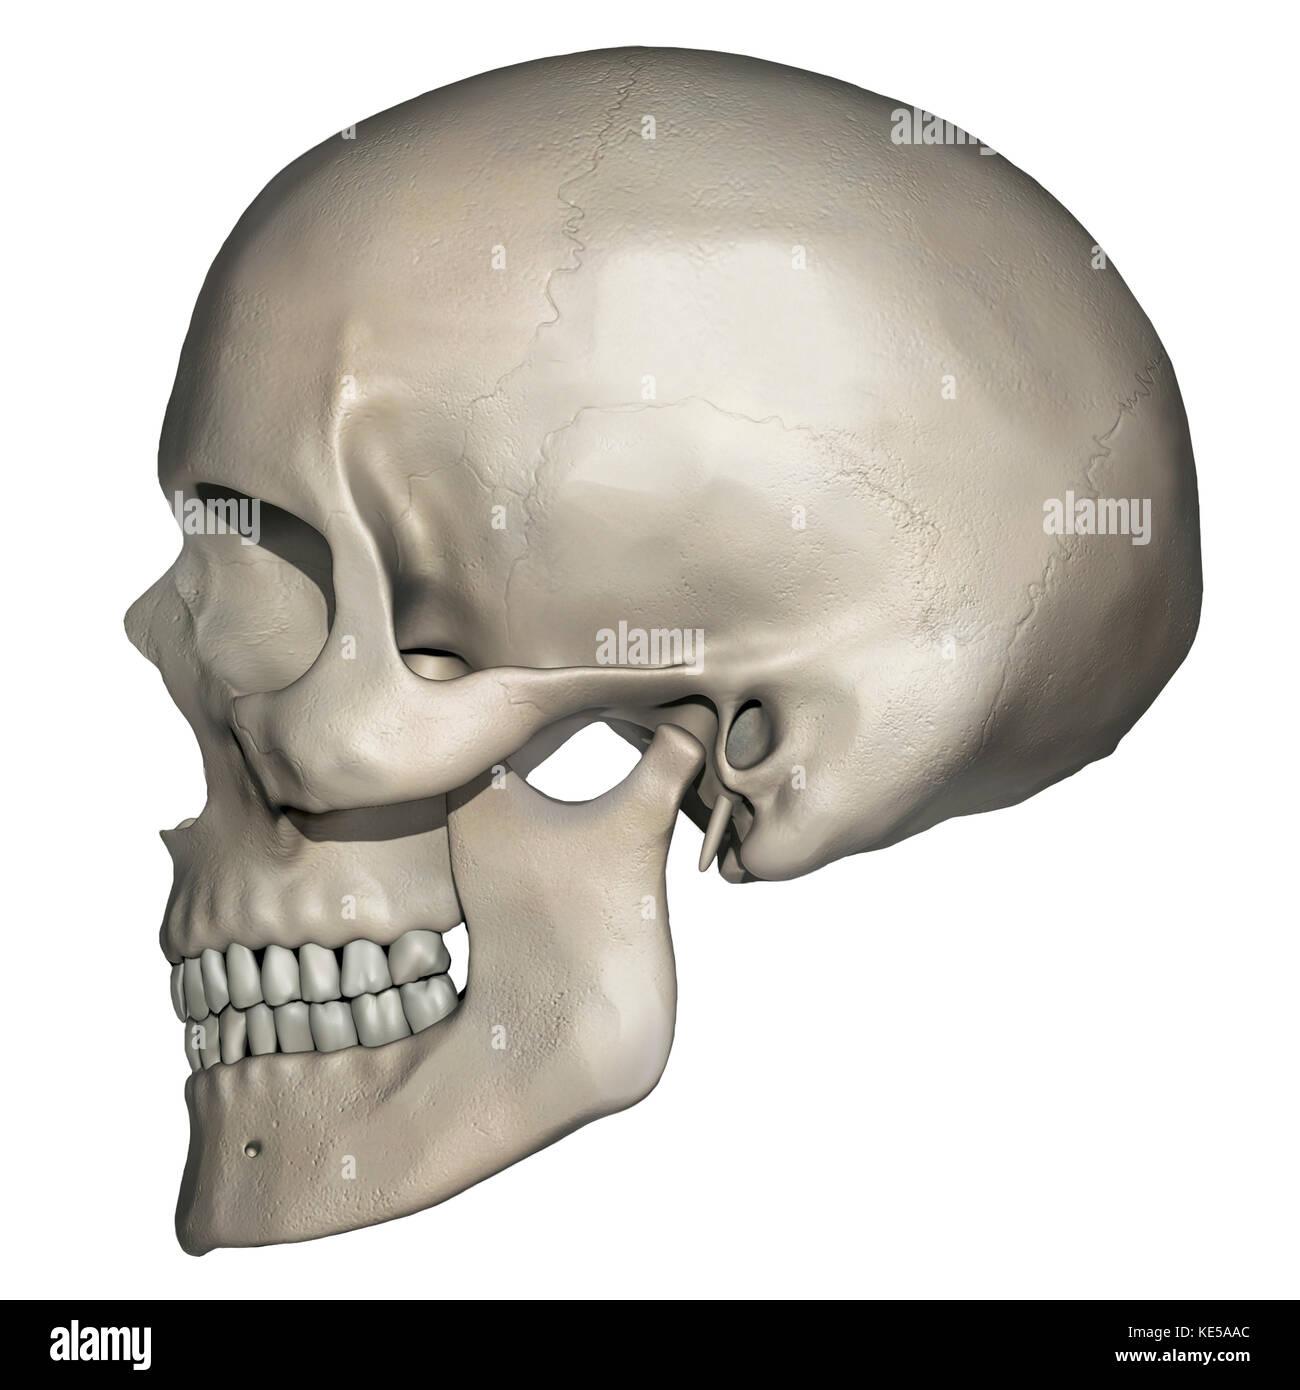 Seitliche Ansicht von der menschlichen Schädel Anatomie Stockfoto ...